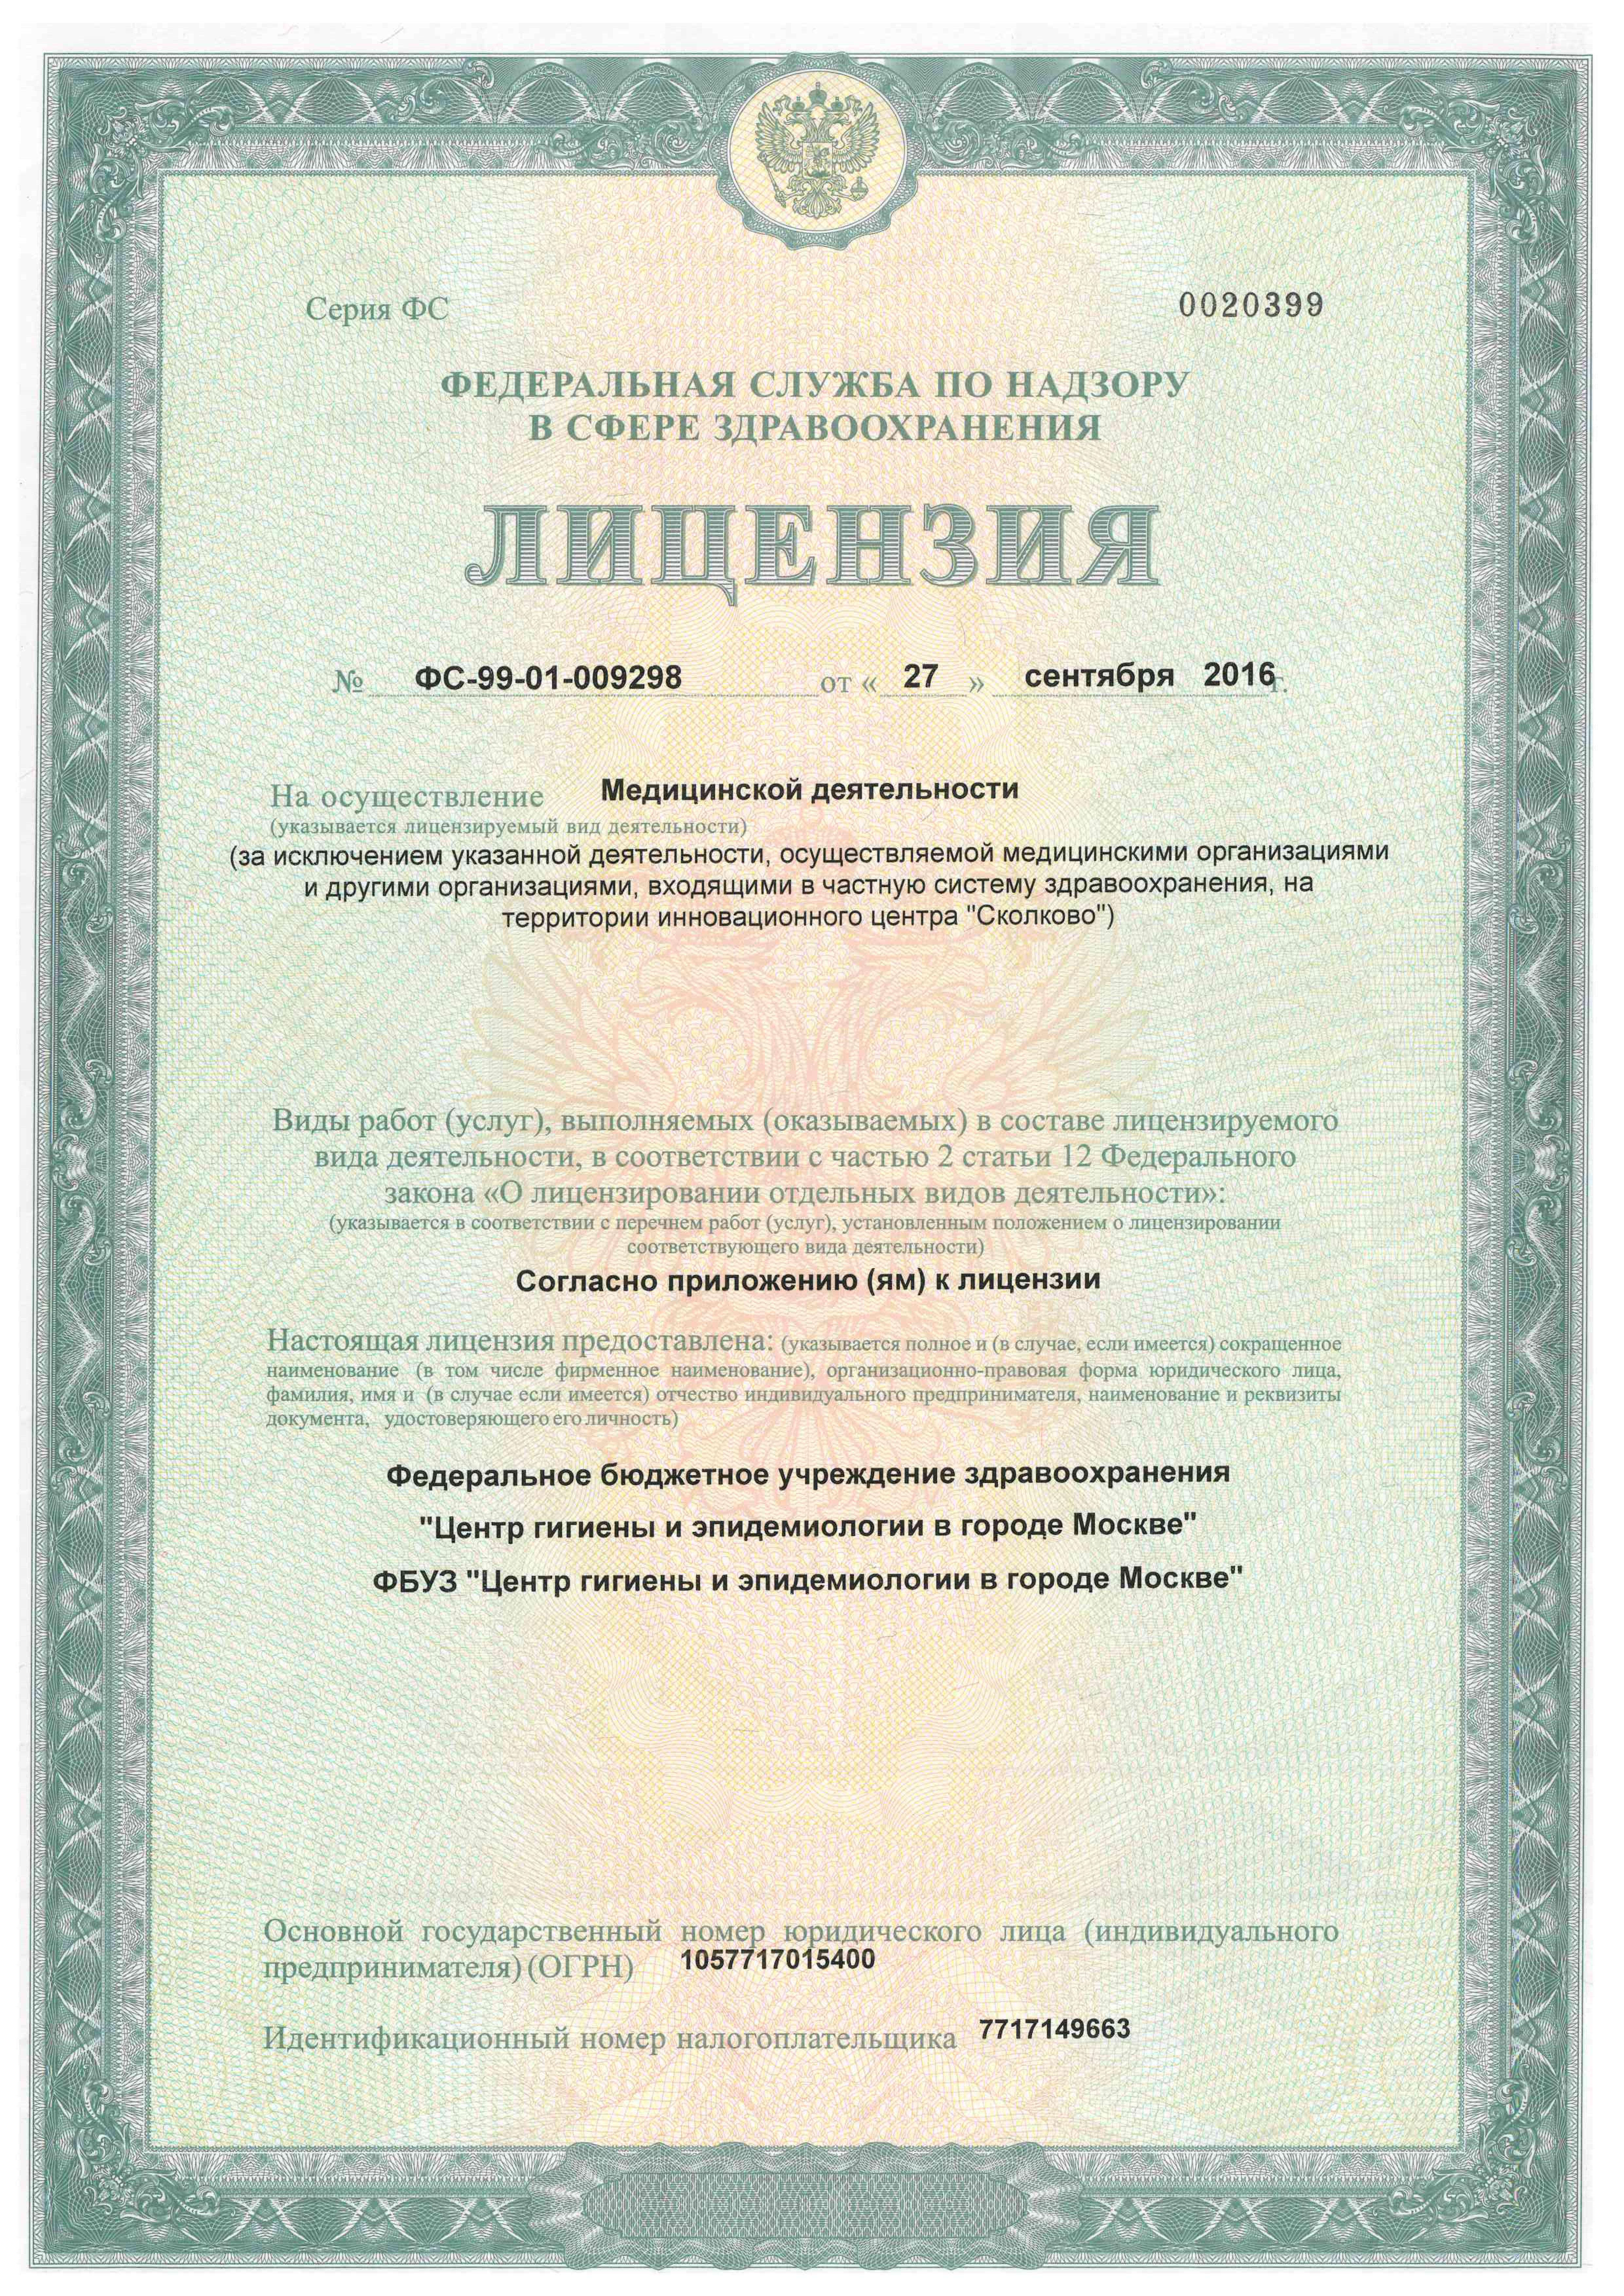 лицензия на медицинскую